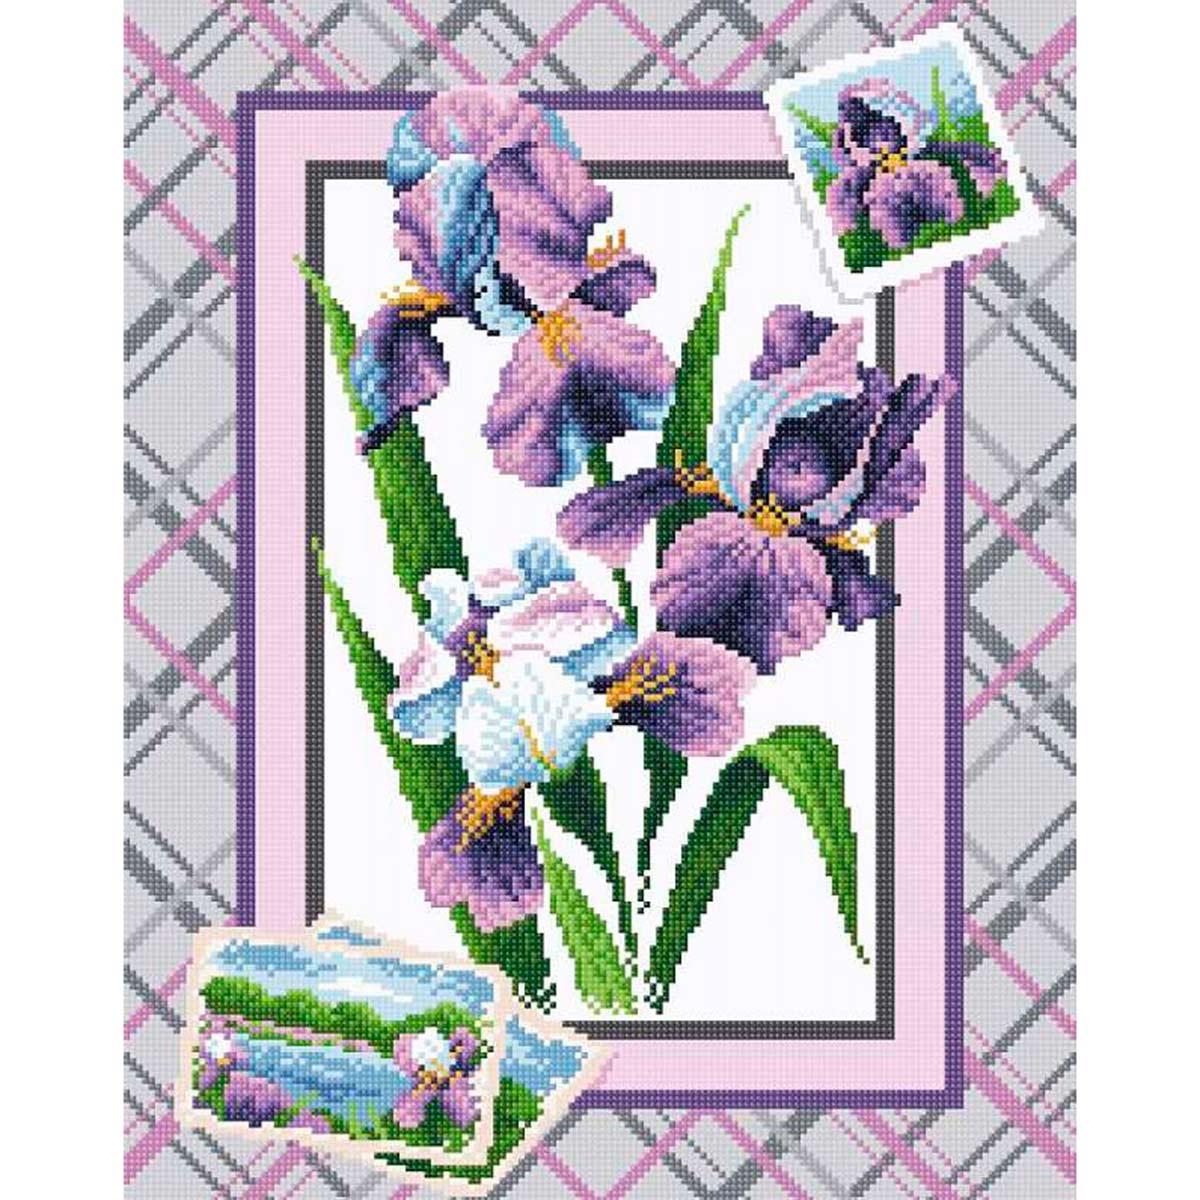 МС 040 Алмазная мозаика 'Букет ирисов'38*48см Brilliart